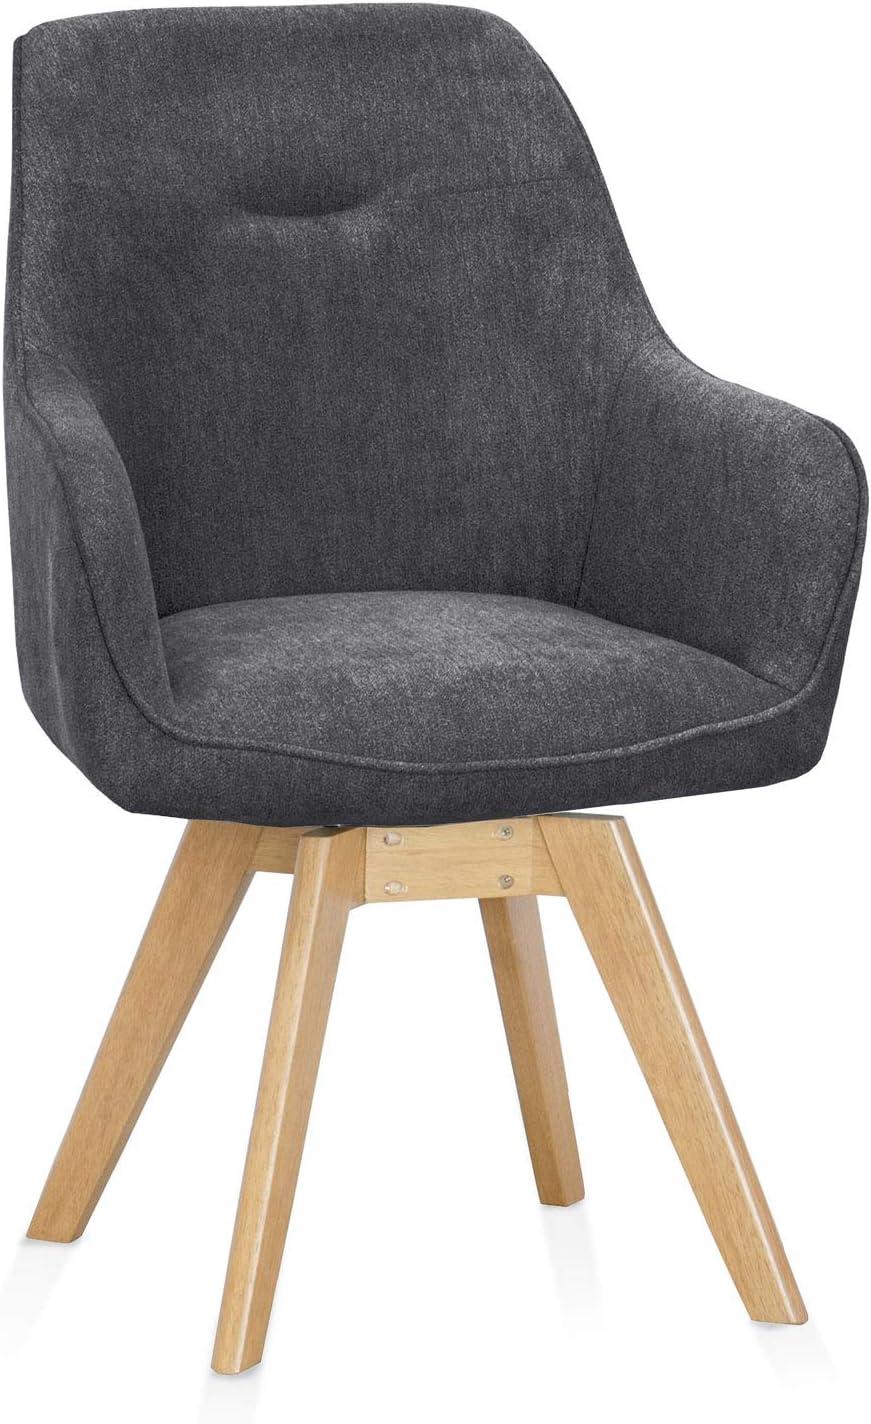 Material Stoff//Beine massiv moebel-eins Chilly Schalendrehstuhl drehbar Drehstuhl Esstischstuhl Schalensitz Schalenstuhl Stuhl